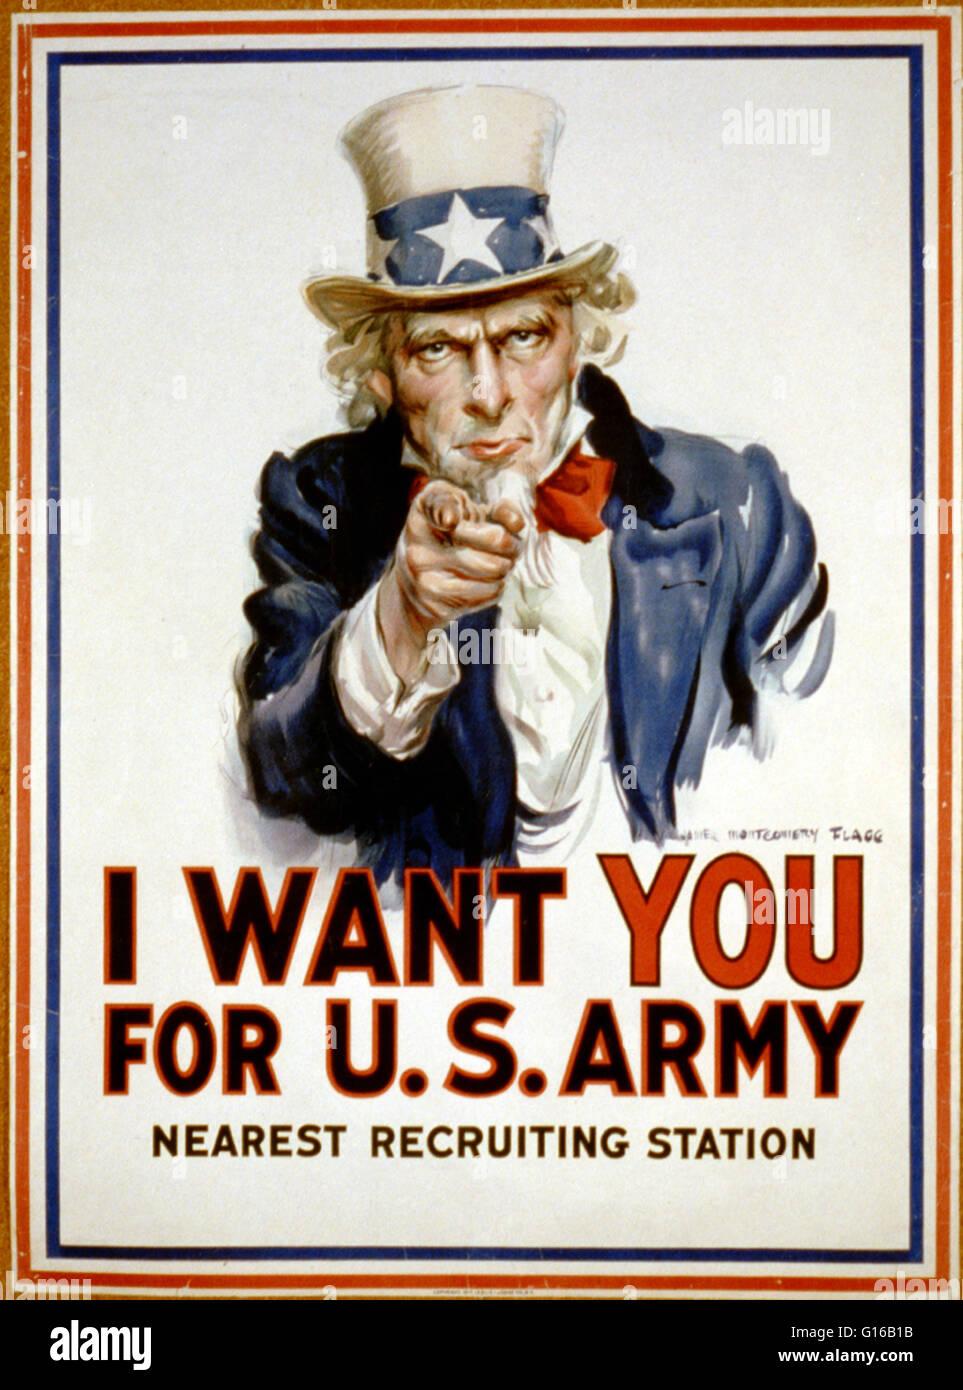 Affiche pour 'Je veux que vous pour l'ARMÉE AMÉRICAINE' montre l'Oncle Sam pointant son Photo Stock